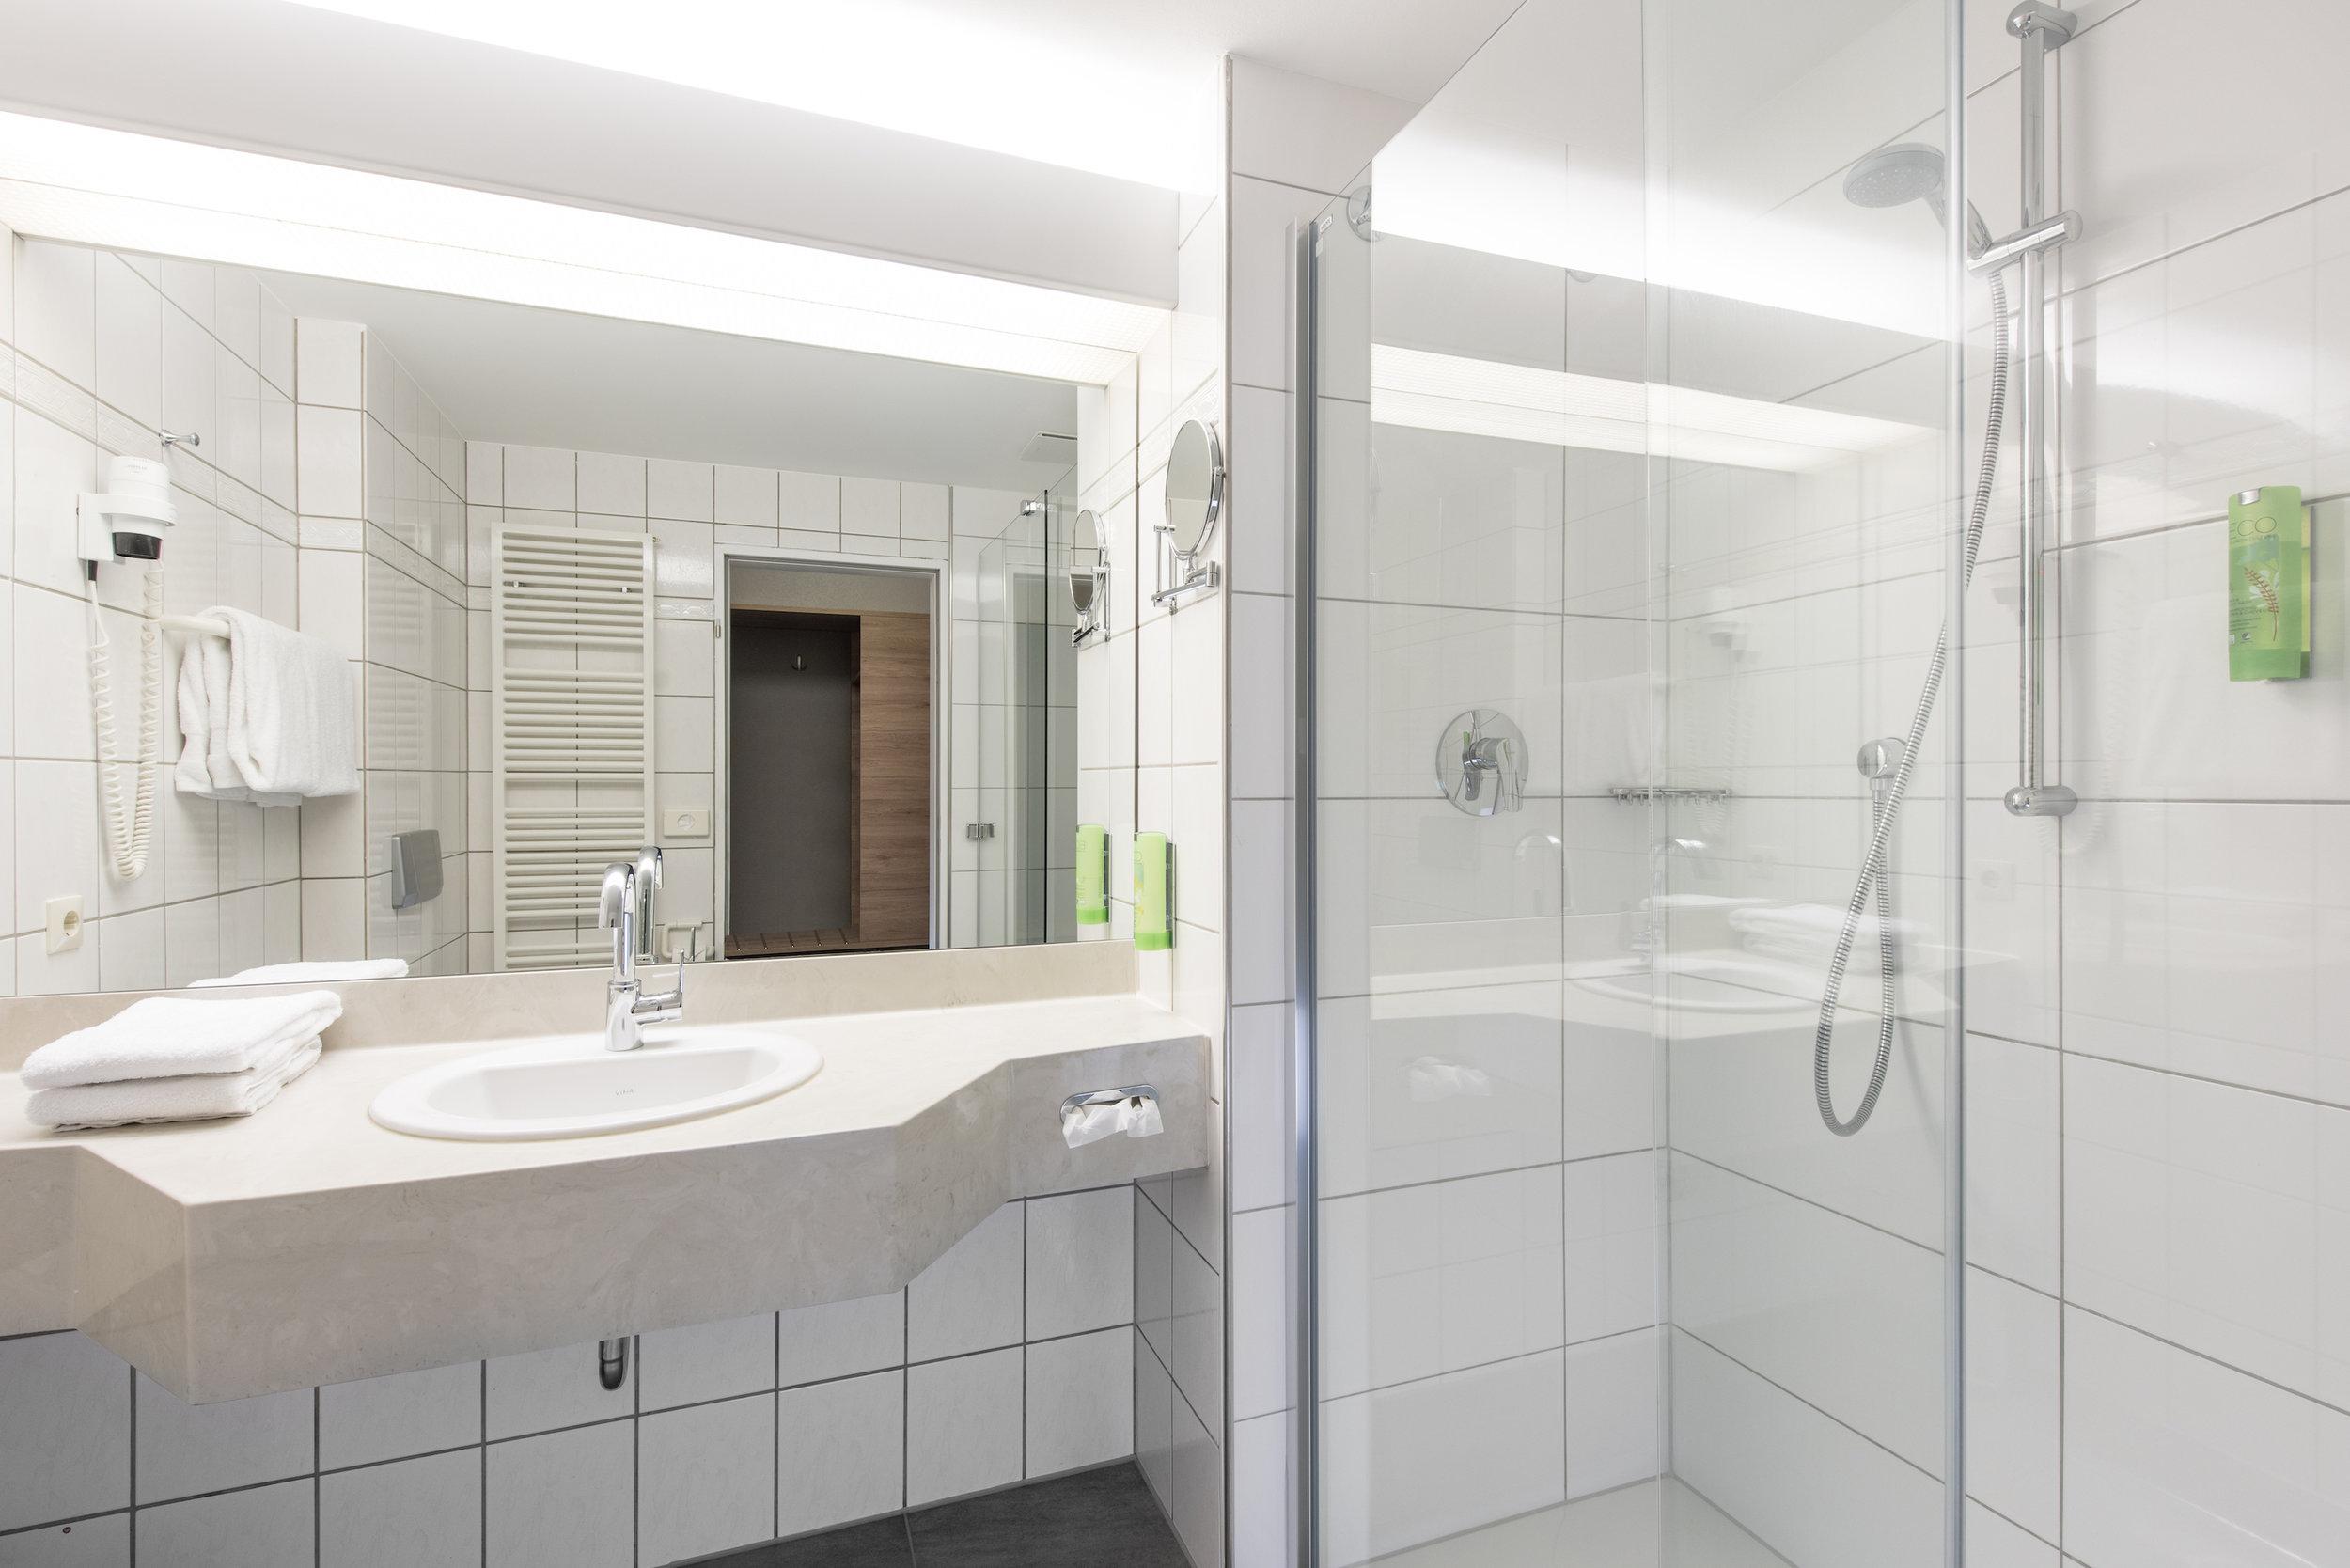 Idingshof Hotel Bramsche - Duschen mit Echtglas